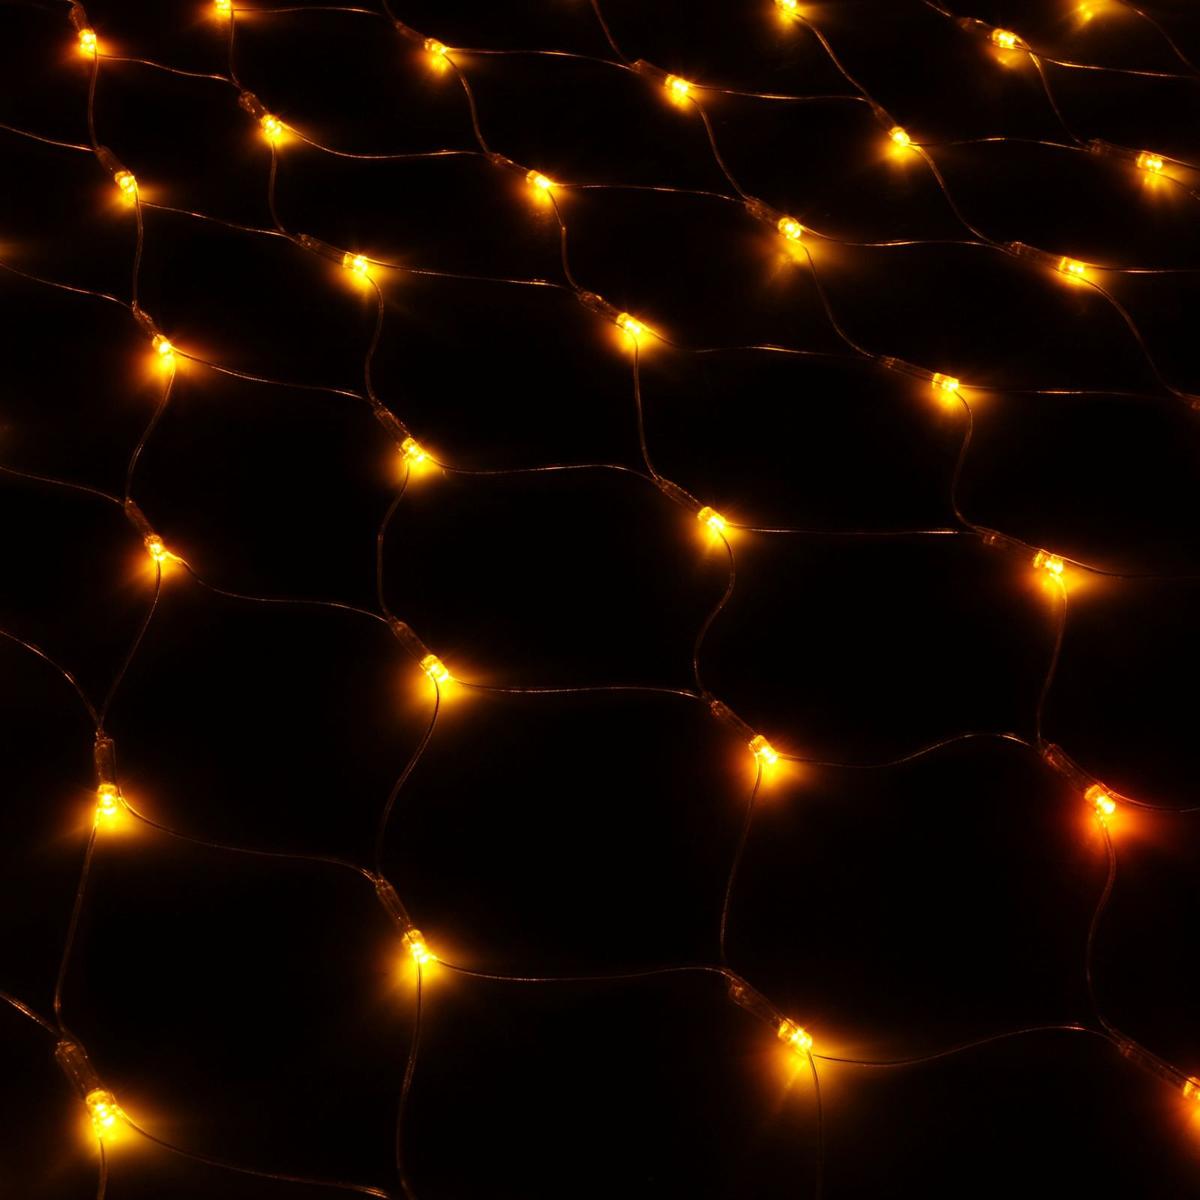 Гирлянда Luazon Сетка, длина 0,9 м, LED 120 ламп, 220V, цвет: желтый. 187207187207Светодиодные гирлянды, ленты и т.д — это отличный вариант для новогоднего оформления интерьера или фасада. С их помощью помещение любого размера можно превратить в праздничный зал, а внешние элементы зданий, украшенные ими, мгновенно станут напоминать очертания сказочного дворца. Такие украшения создают ауру предвкушения чуда. Деревья, фасады, витрины, окна и арки будто специально созданы, чтобы вы украсили их светящимися нитями.